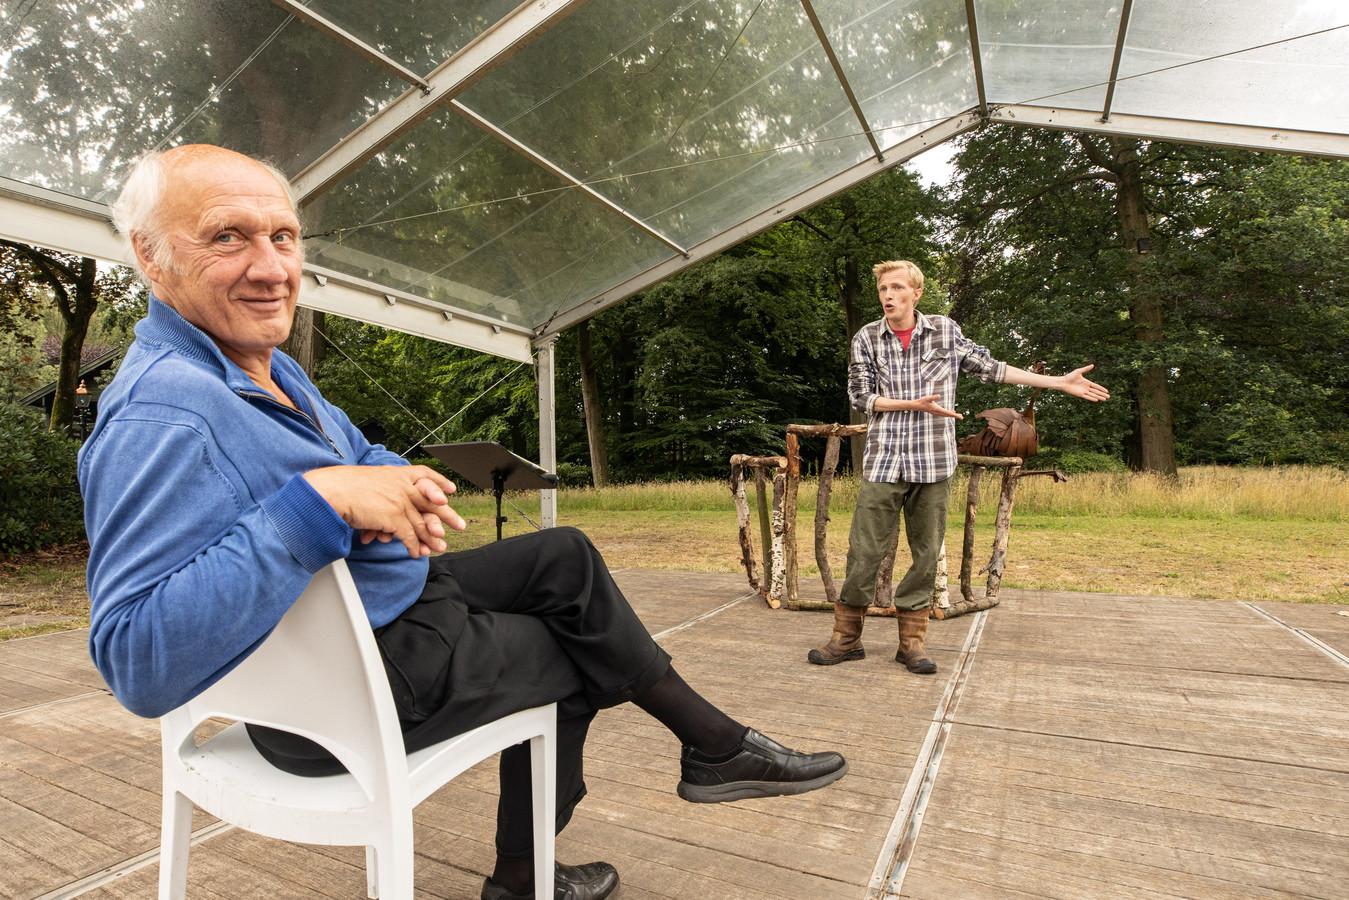 Herman van Veen vorig jaar bij repetities voor de voorstelling De Wolf, back in town op landgoed De Paltz in Soest